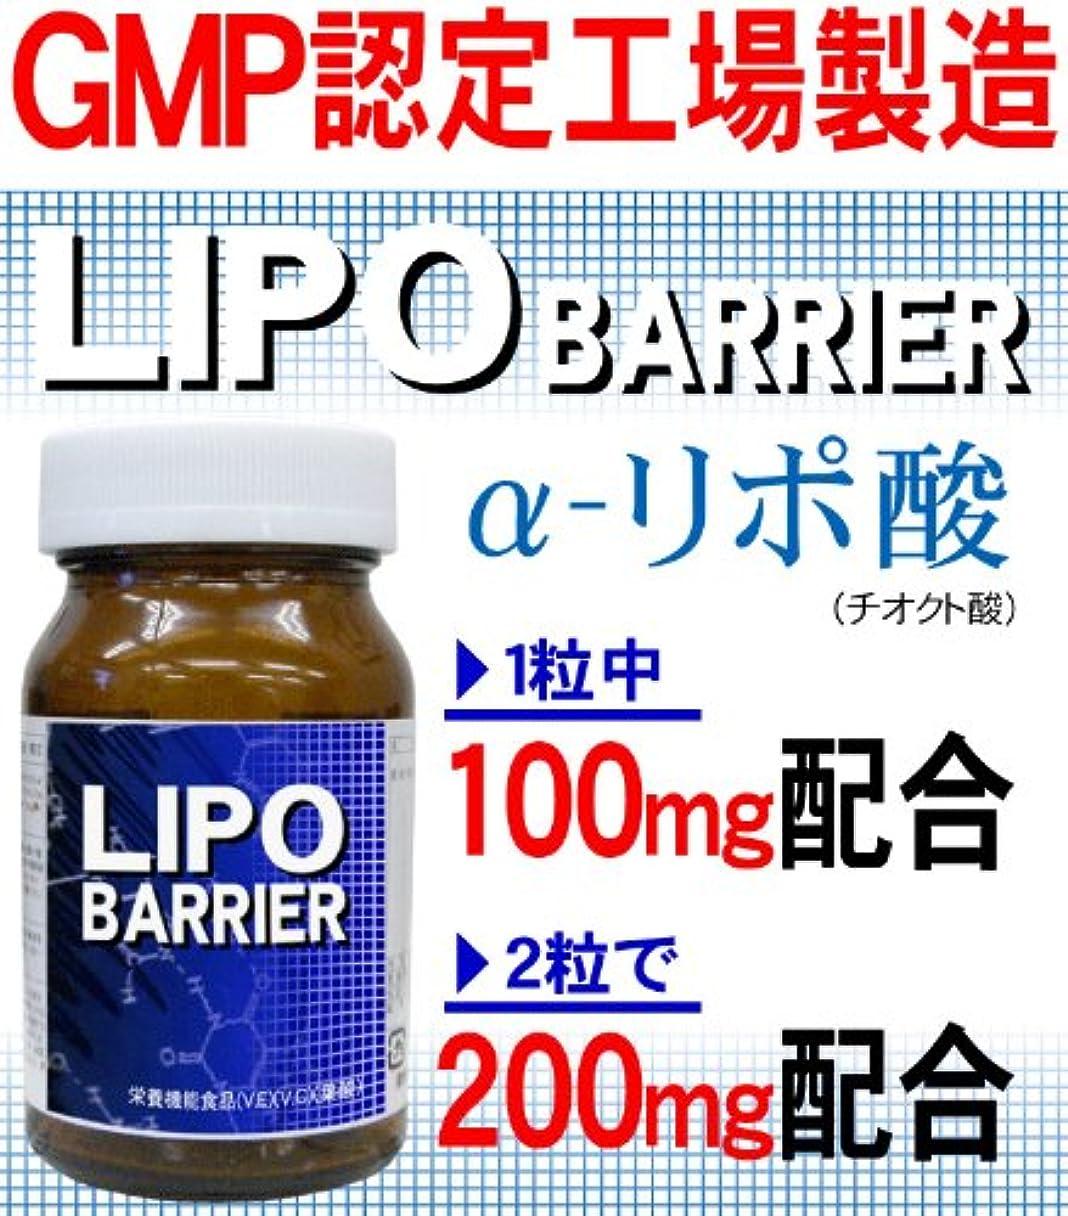 帝国ゴミ箱を空にする職業リポバリア (α-リポ酸、ビタミンE、葉酸配合サプリメント)